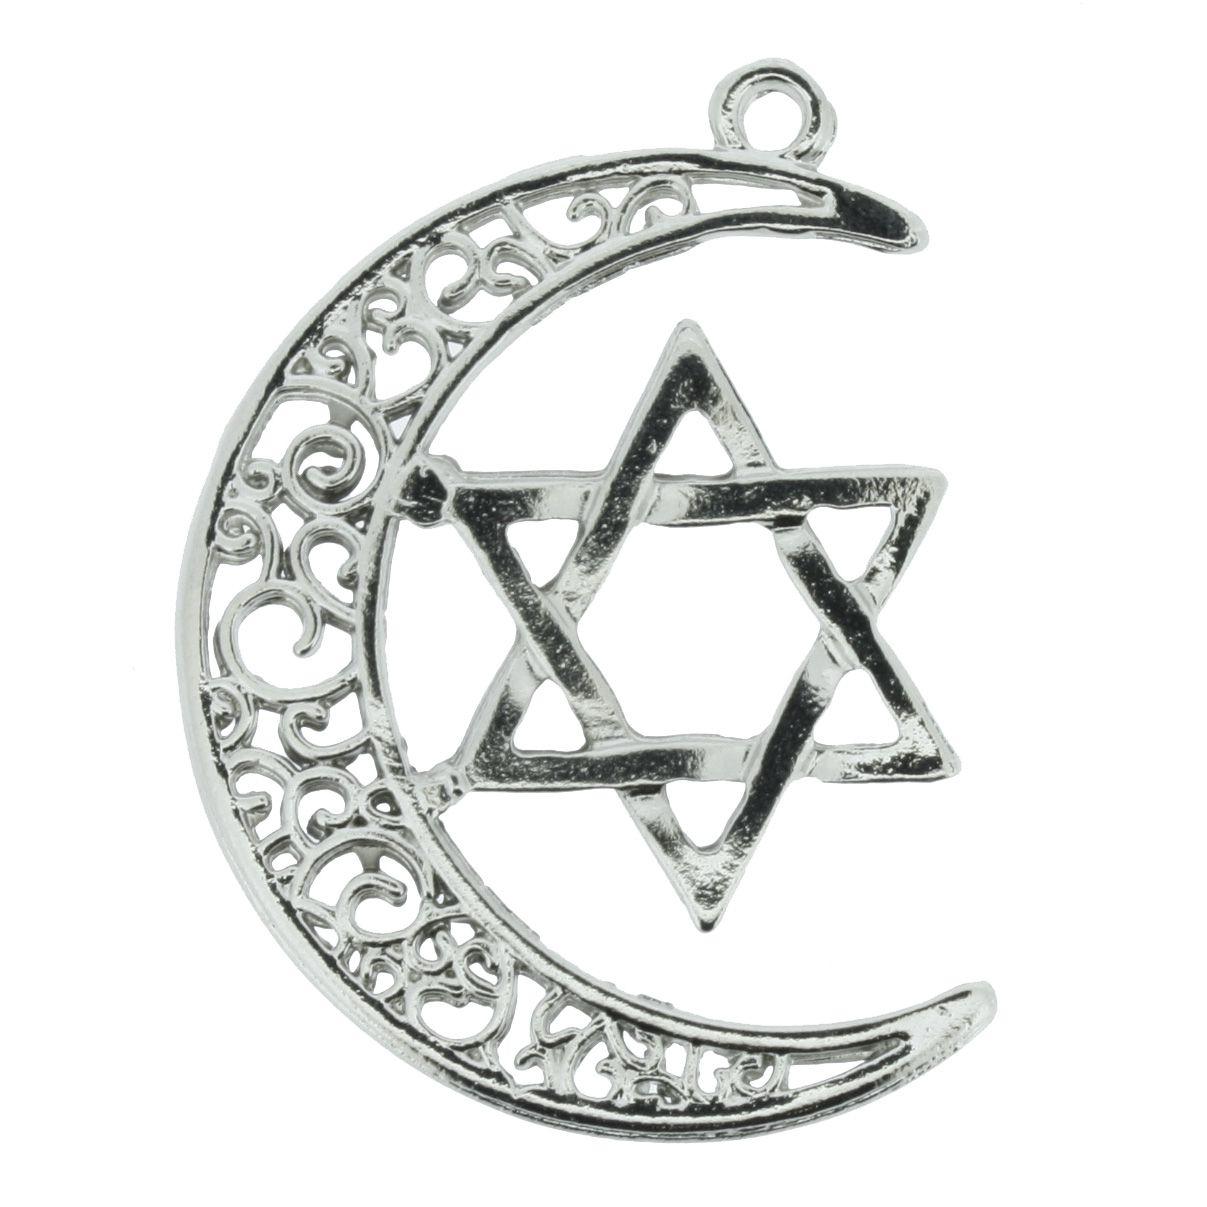 Lua + Estrela 6 Pontas - Níquel - 40mm  - Universo Religioso® - Artigos de Umbanda e Candomblé